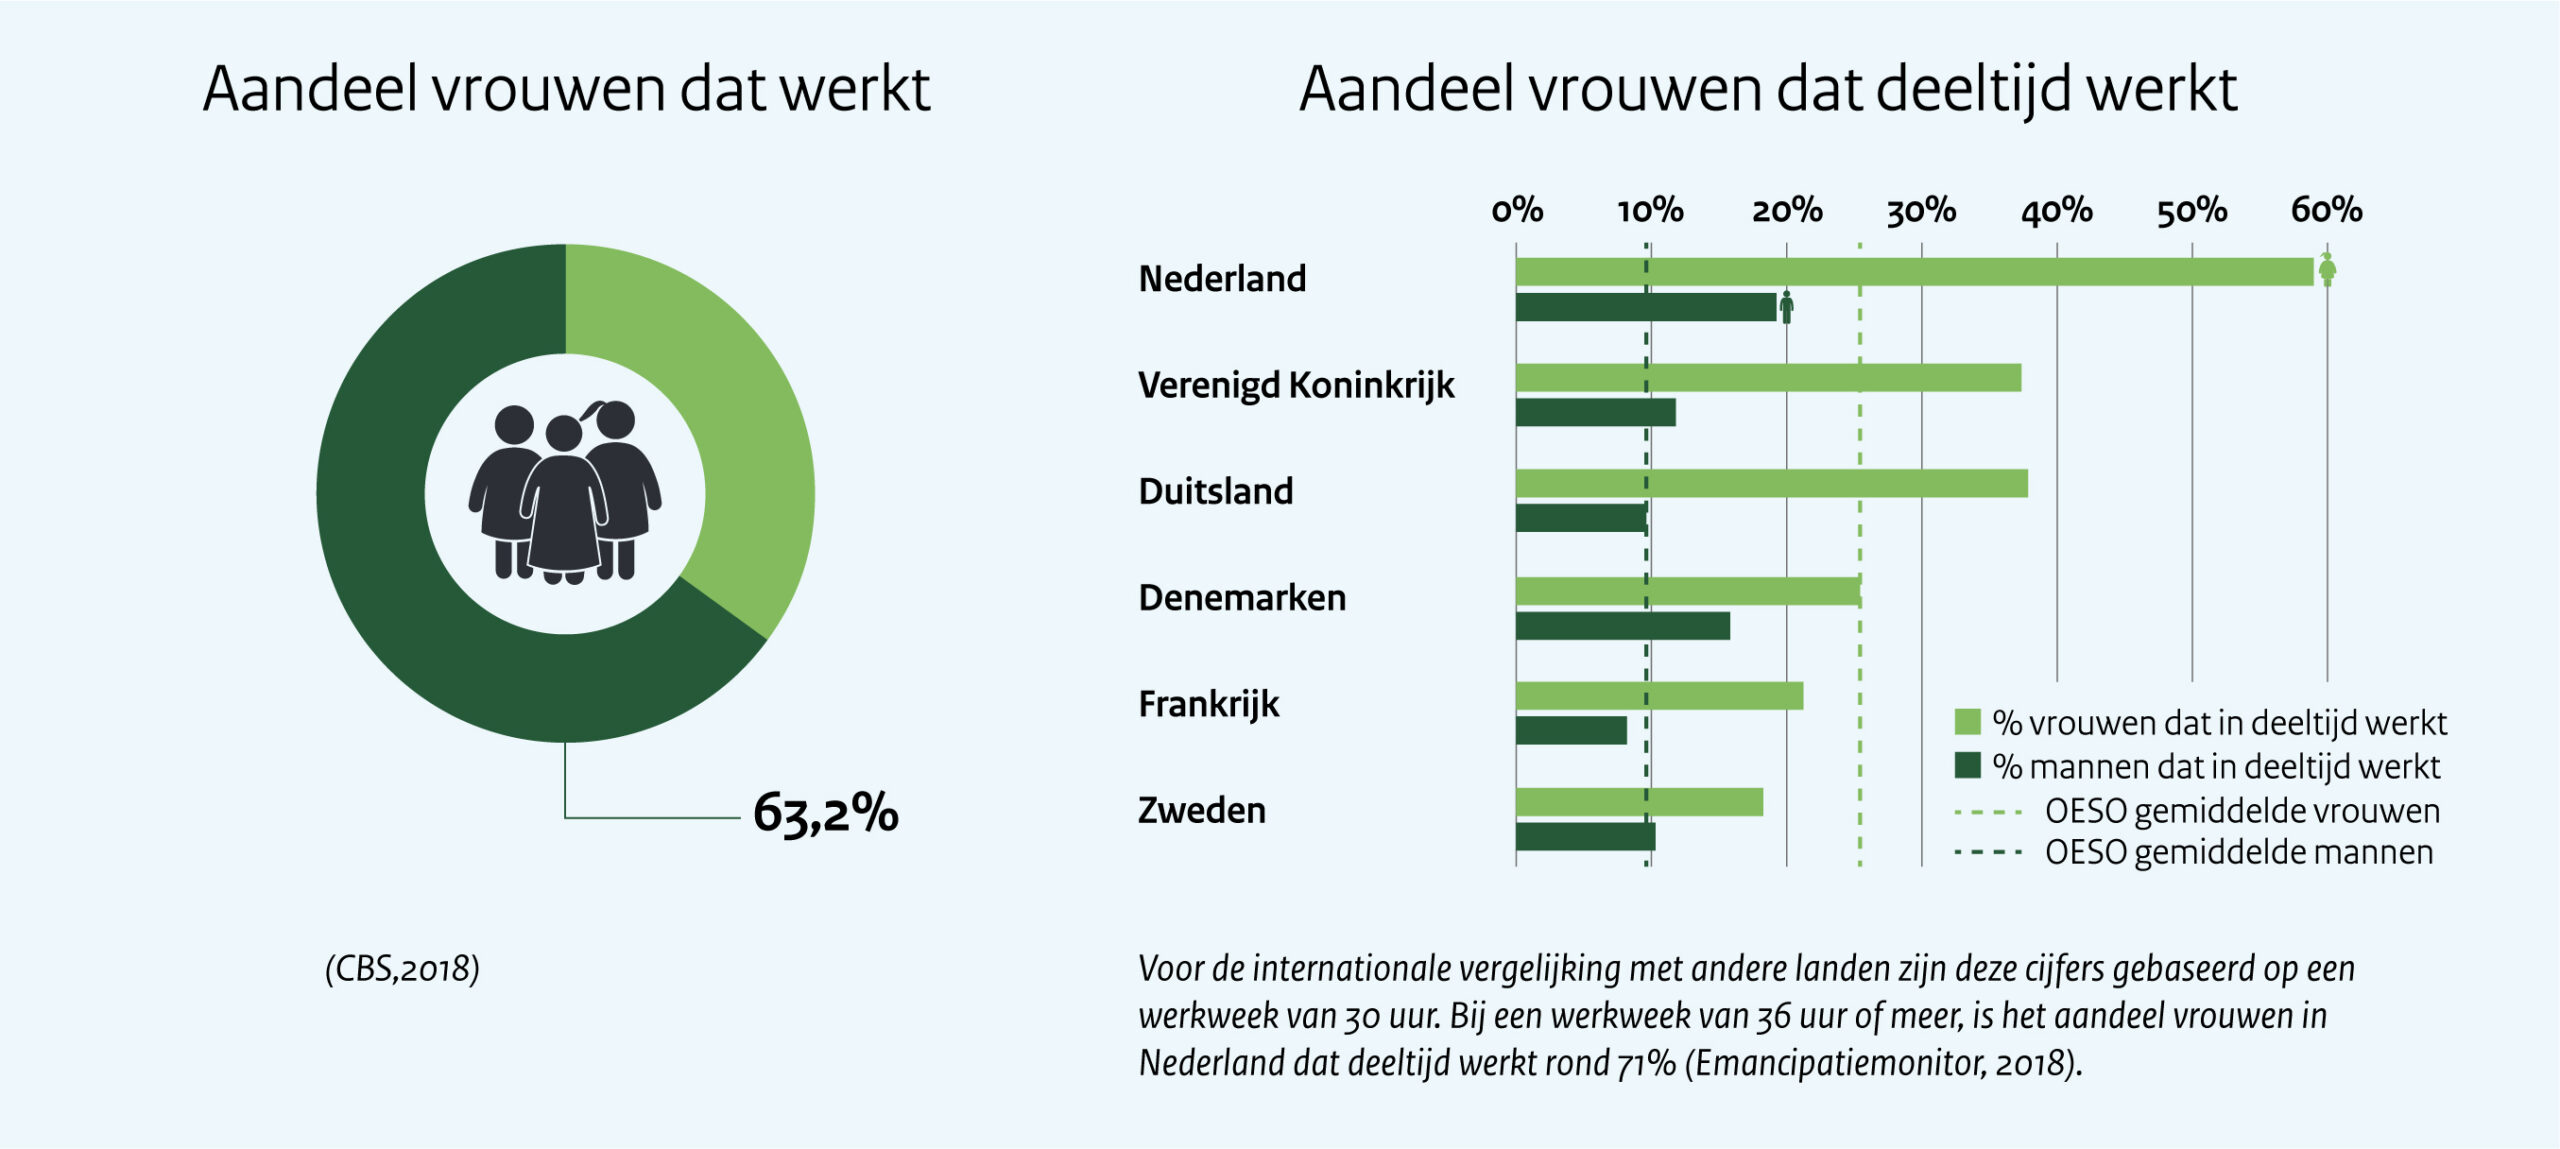 Aandeel van vrouwen dat werkt   In Nederland is het aandeel vrouwen dat (voltijds) werkt 63,2 %.  Dit percentage is afkomstig uit de cijfers van het CBS over het verschil van arbeidsdeelname tussen mannen en vrouwen in 2018.